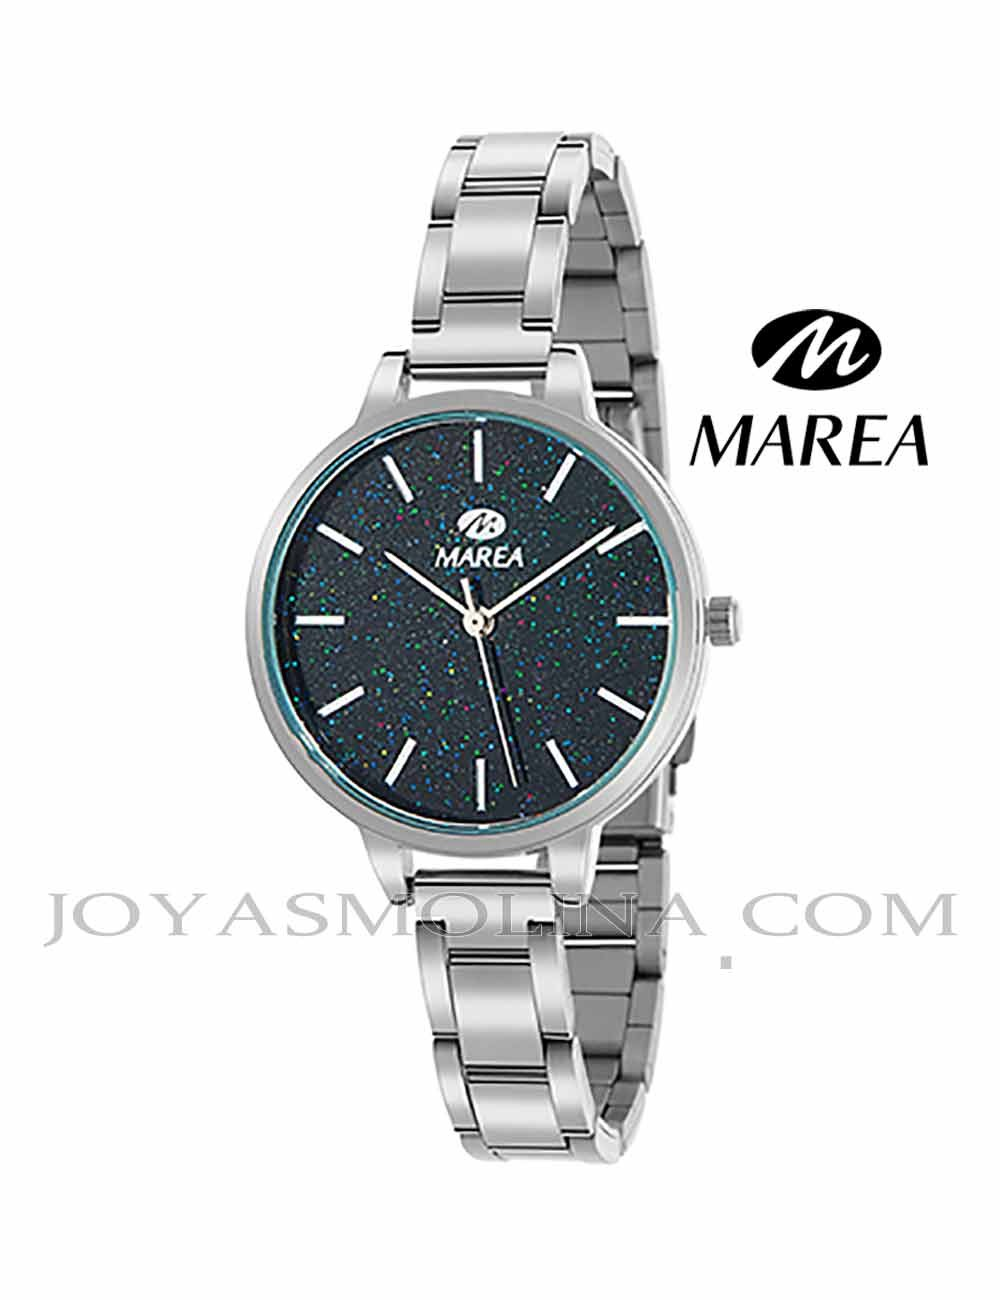 Reloj Marea mujer cadena B41239-2 esfera purpurina negra